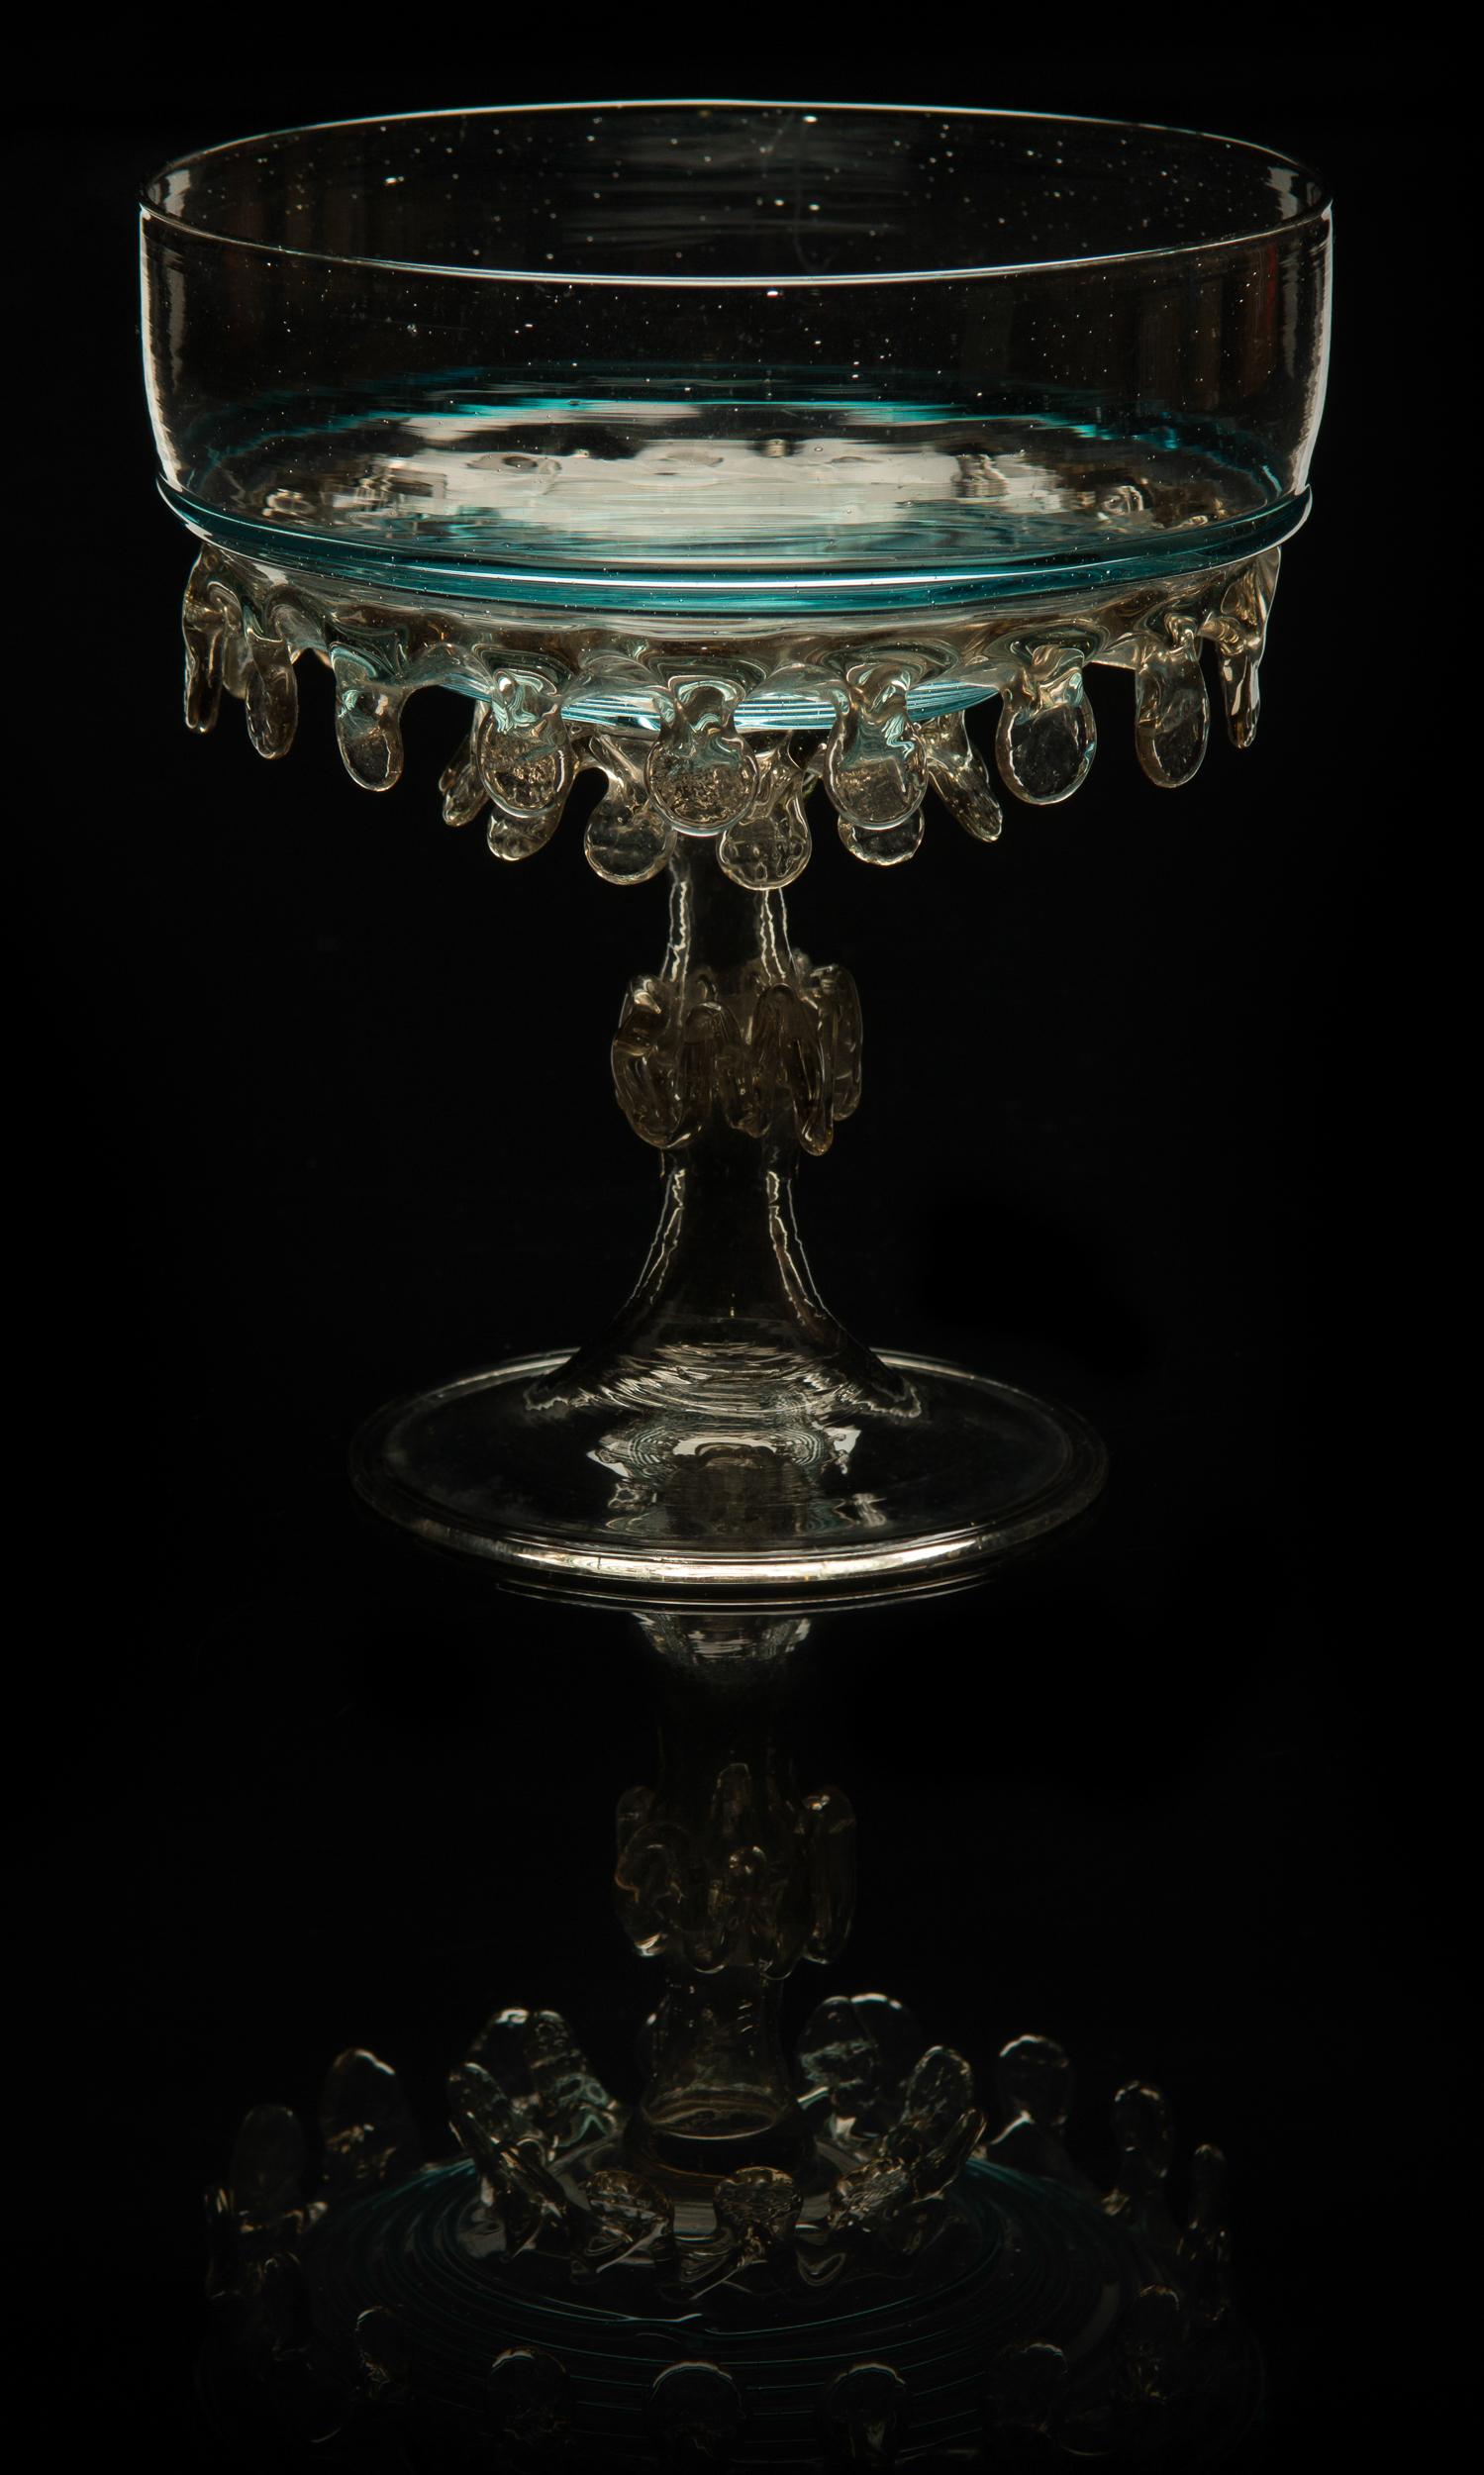 Salviati and Company, Teardrop Compote (circa 1885, glass, 5 1/2 x 5 x 5inches), VV.578